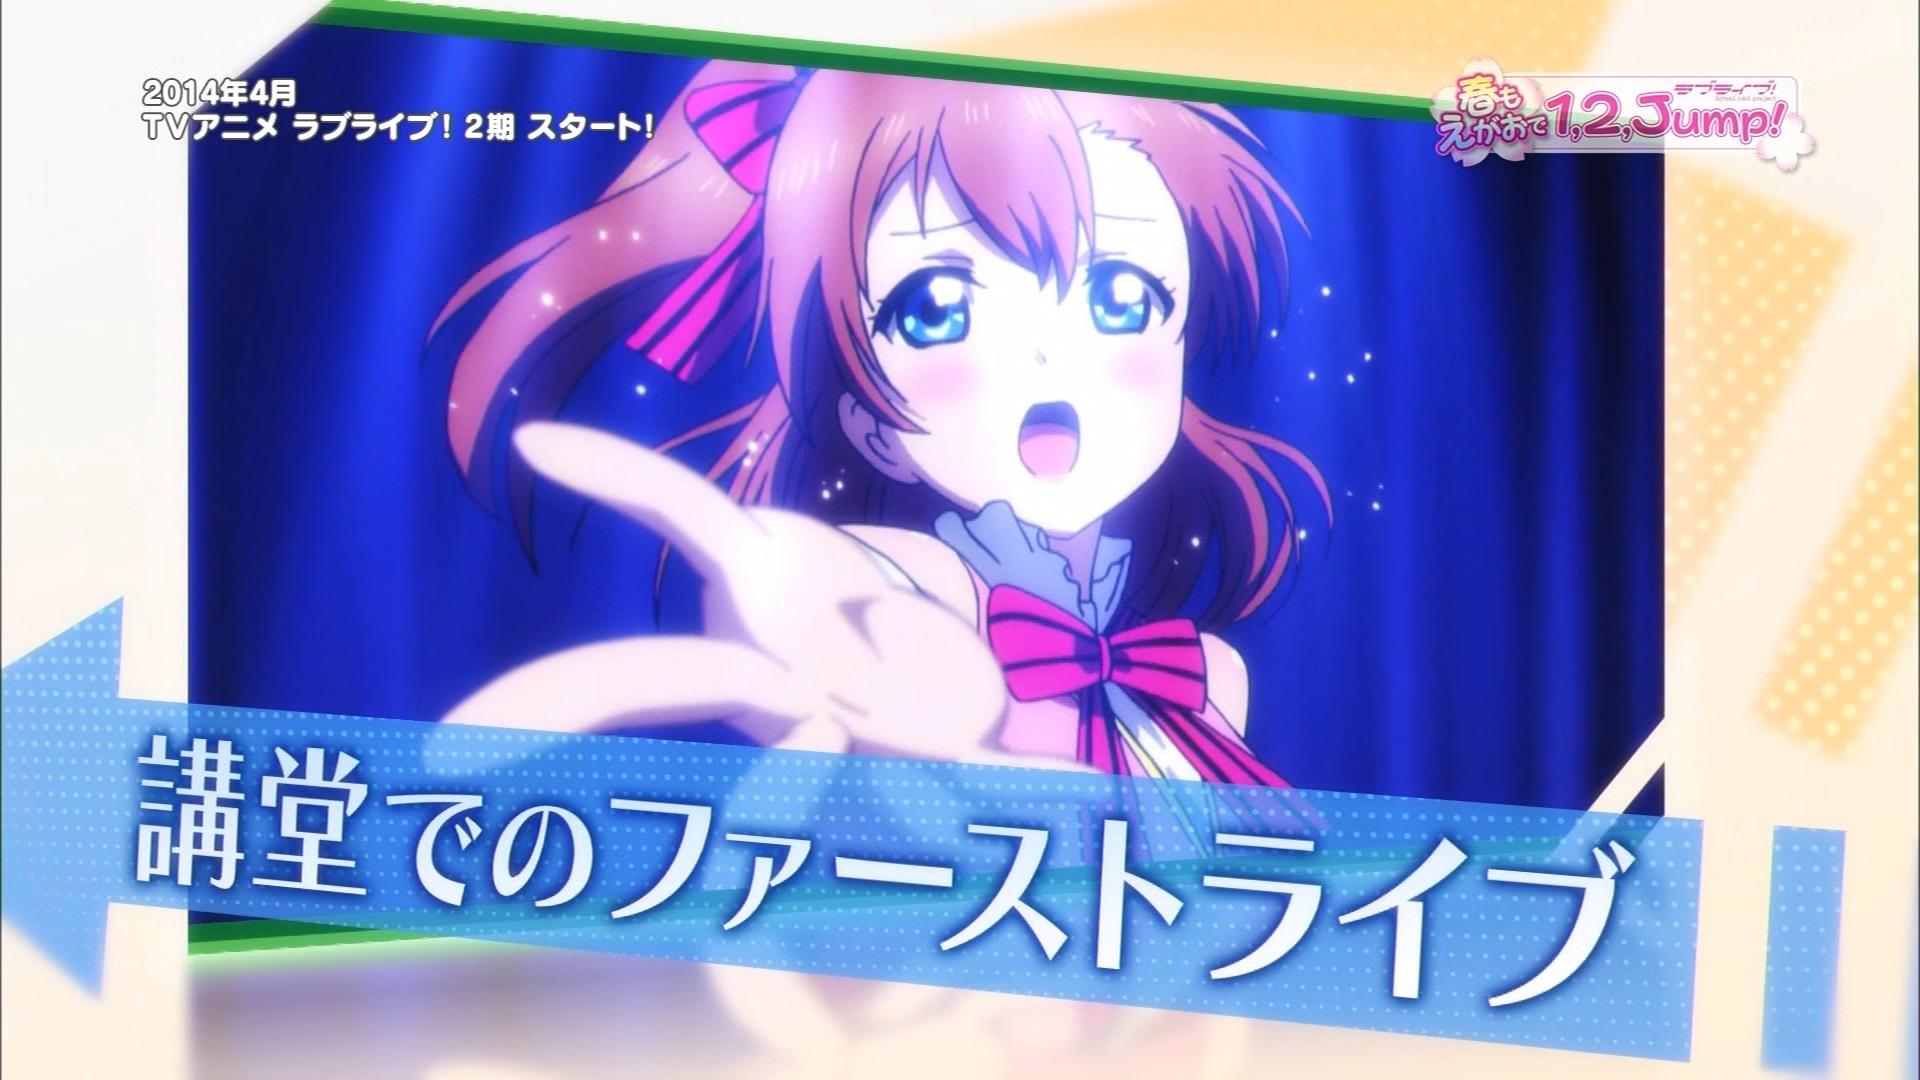 【2期PV動画追加】放送直前特番『ラブライブ! 春もえがおで1,2,Jump!』で2期最新PVきたあああああ! いきなり温泉回だ!いやっふぉおおおおおおおお!